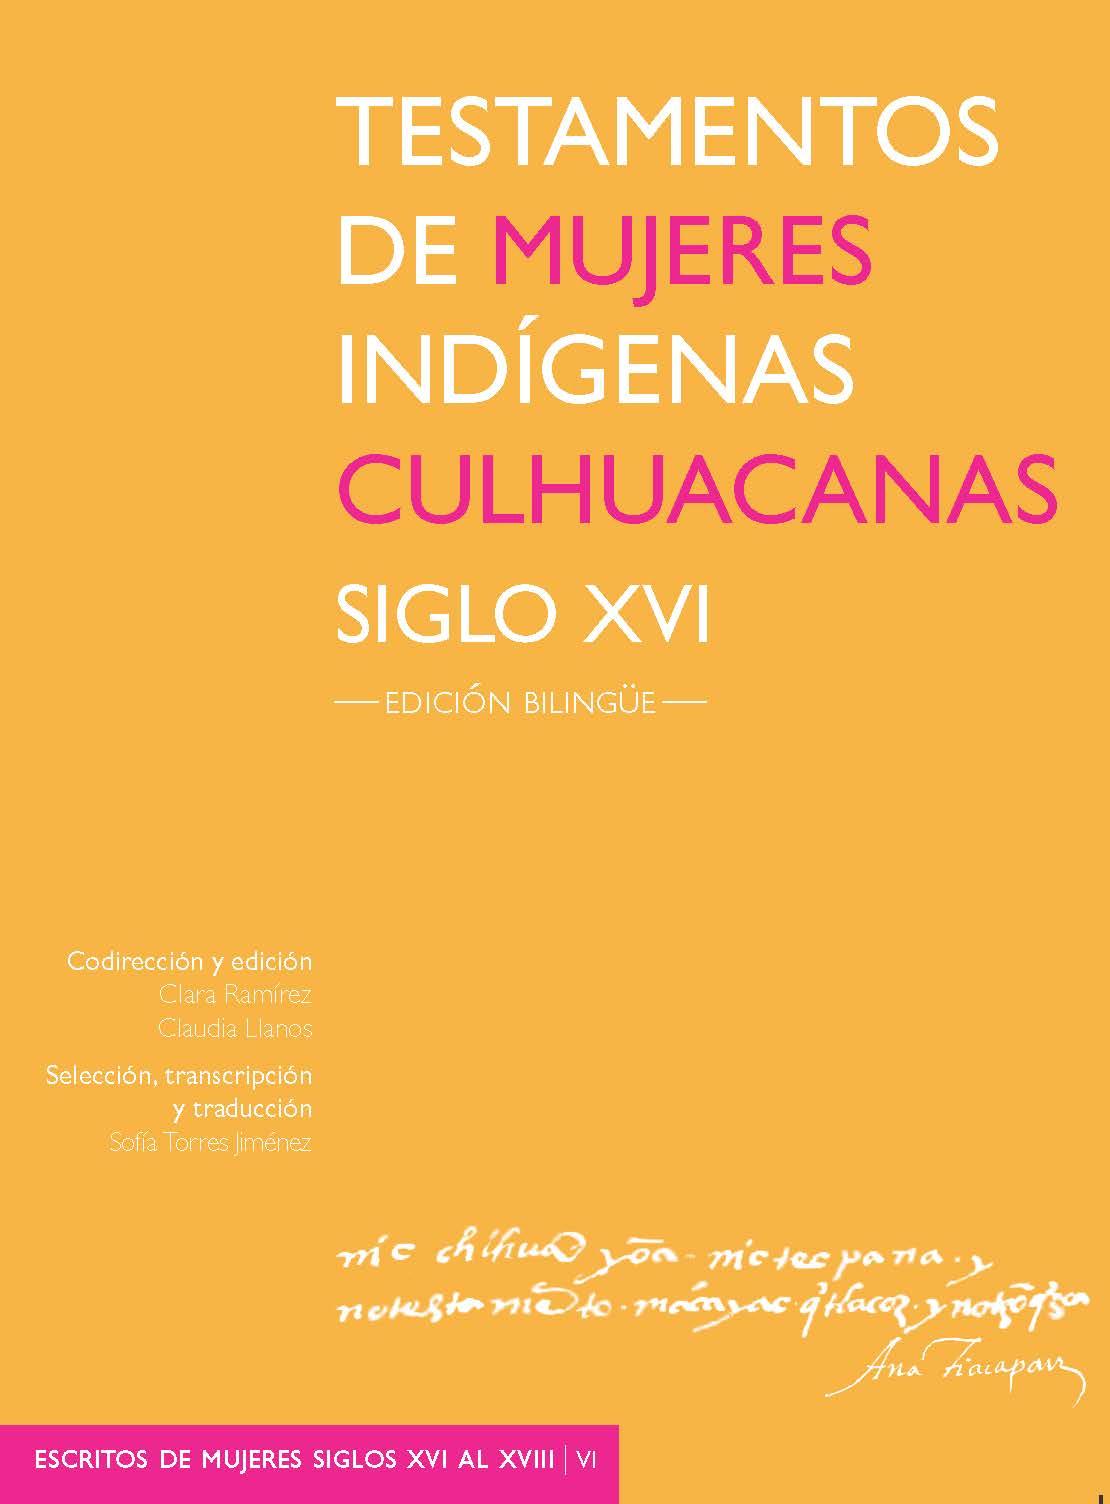 Testamentos de mujeres indígenas Culhuacanas. Siglo XVI